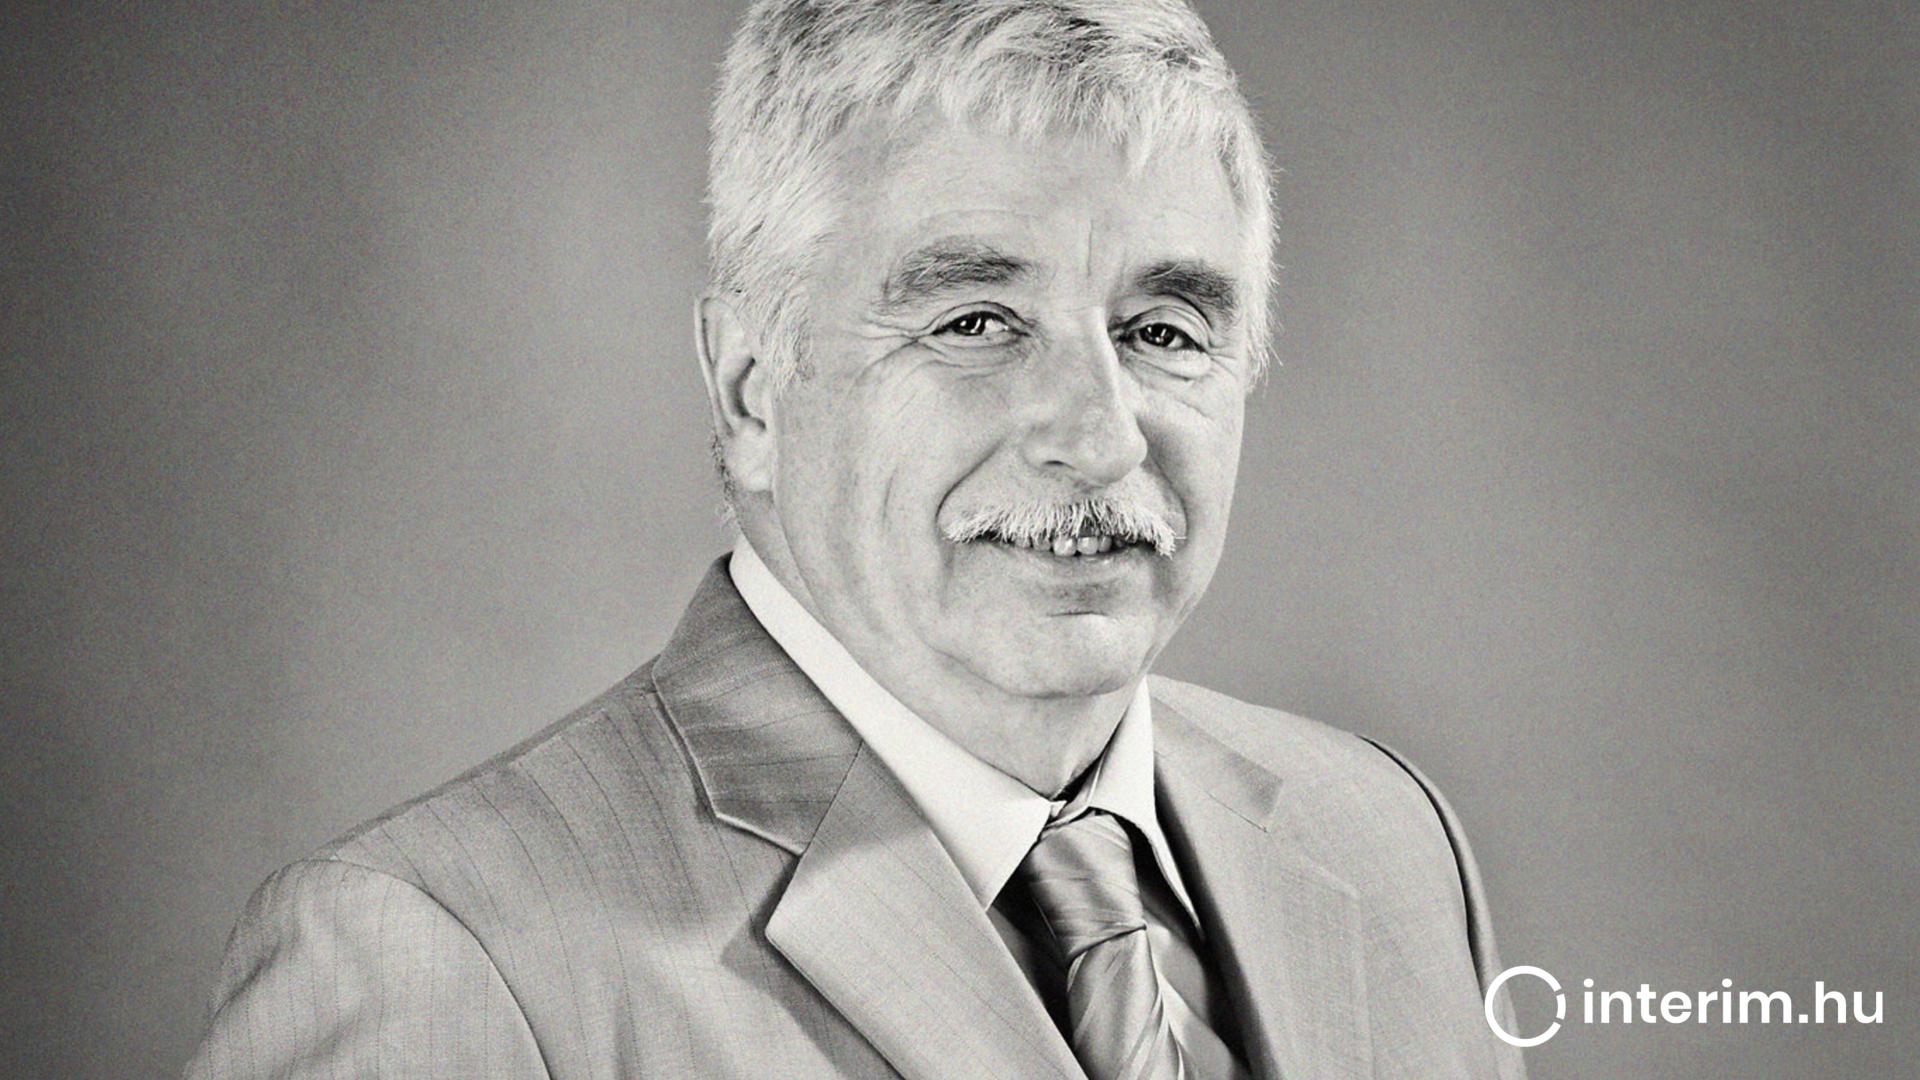 Így lettem interim menedzser – beszélgetés alapítónkkal, Steiner Lászlóval